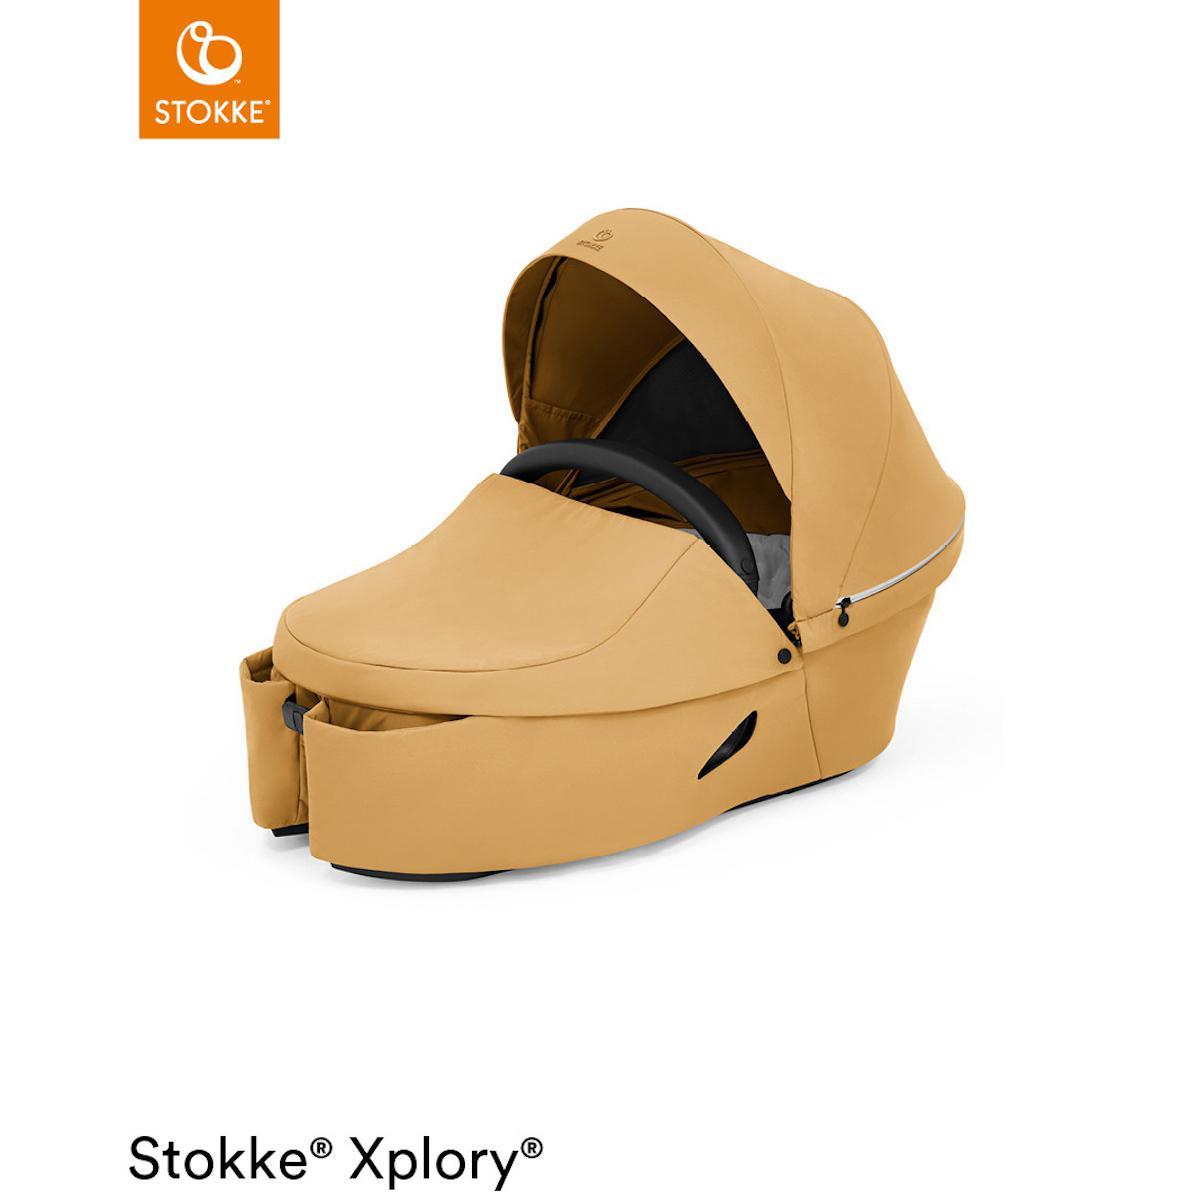 Capazo XPLORY X Stokke Golden Yellow